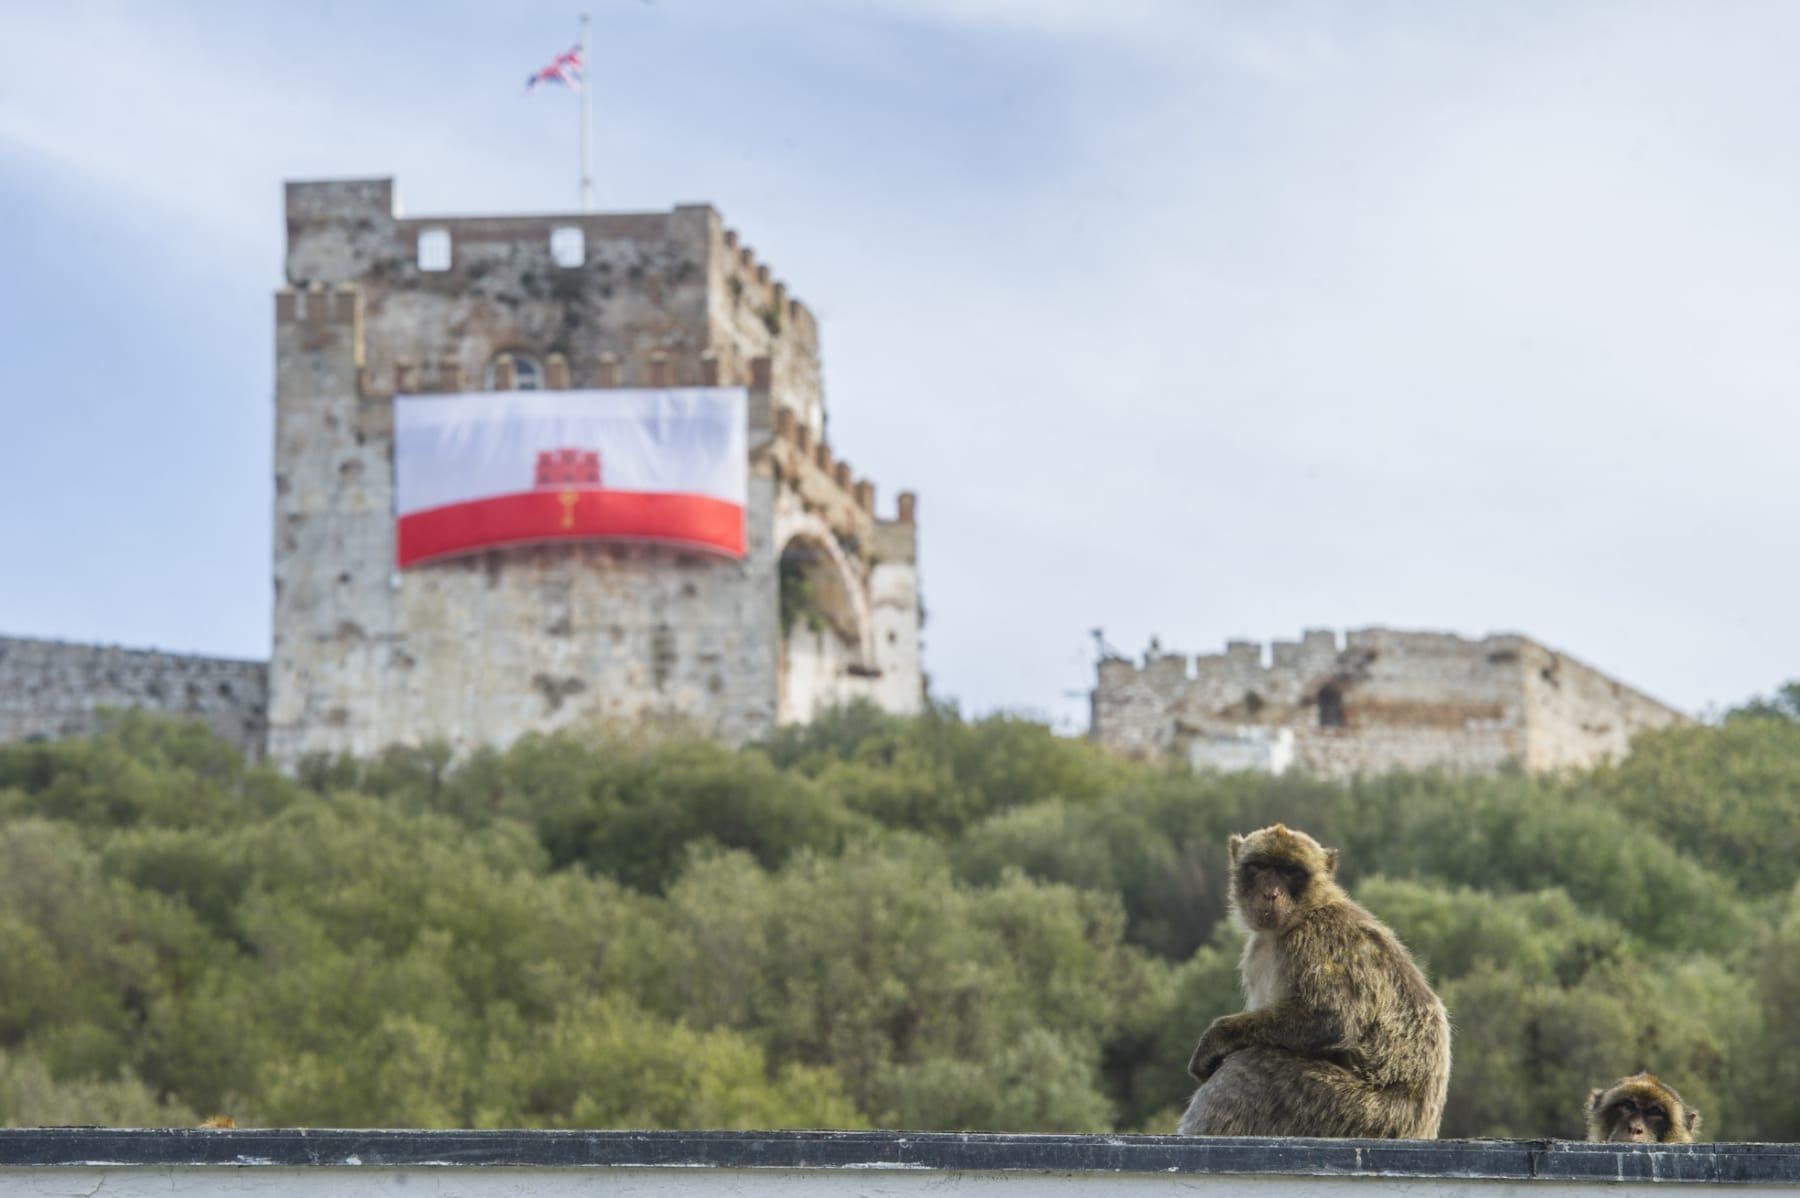 turismo-en-gibraltar-092015-703_22122710503_o